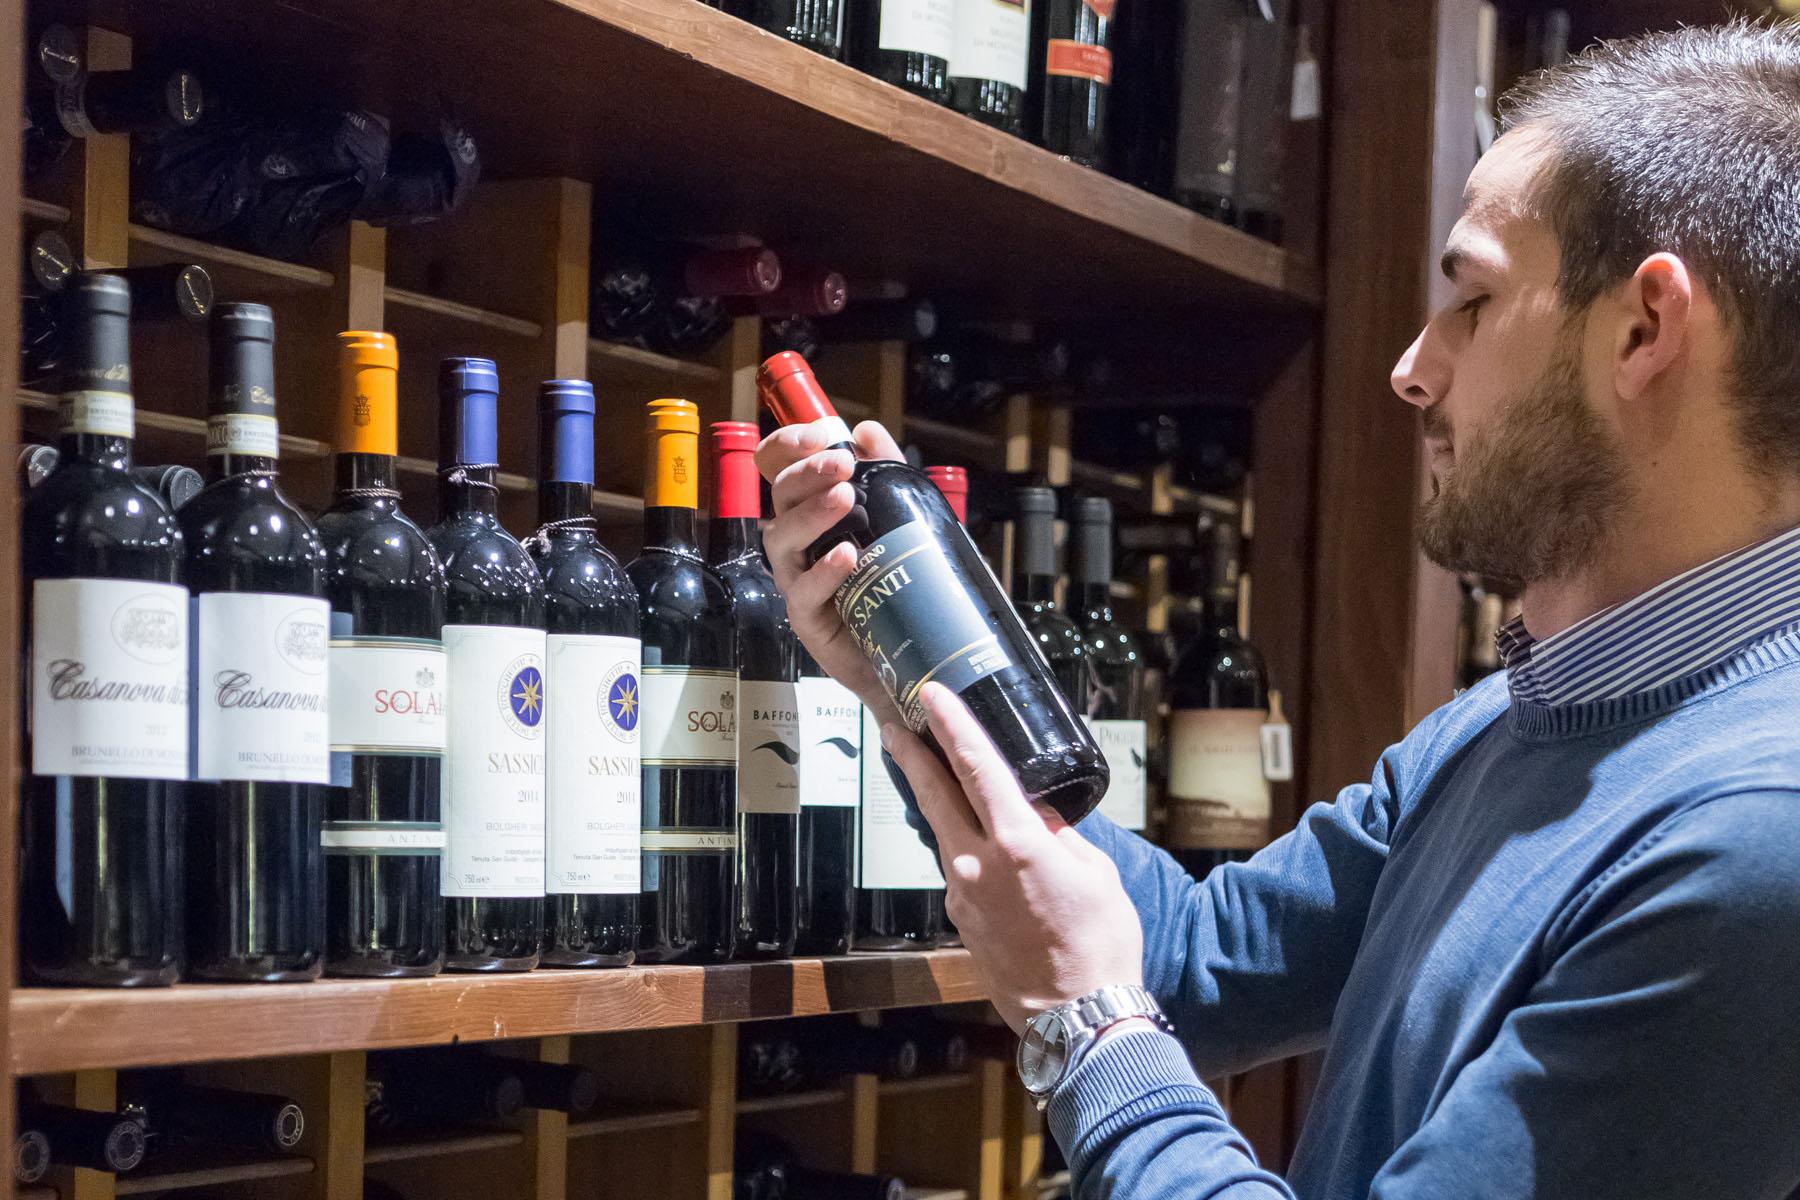 enoteca vendita vino Torino